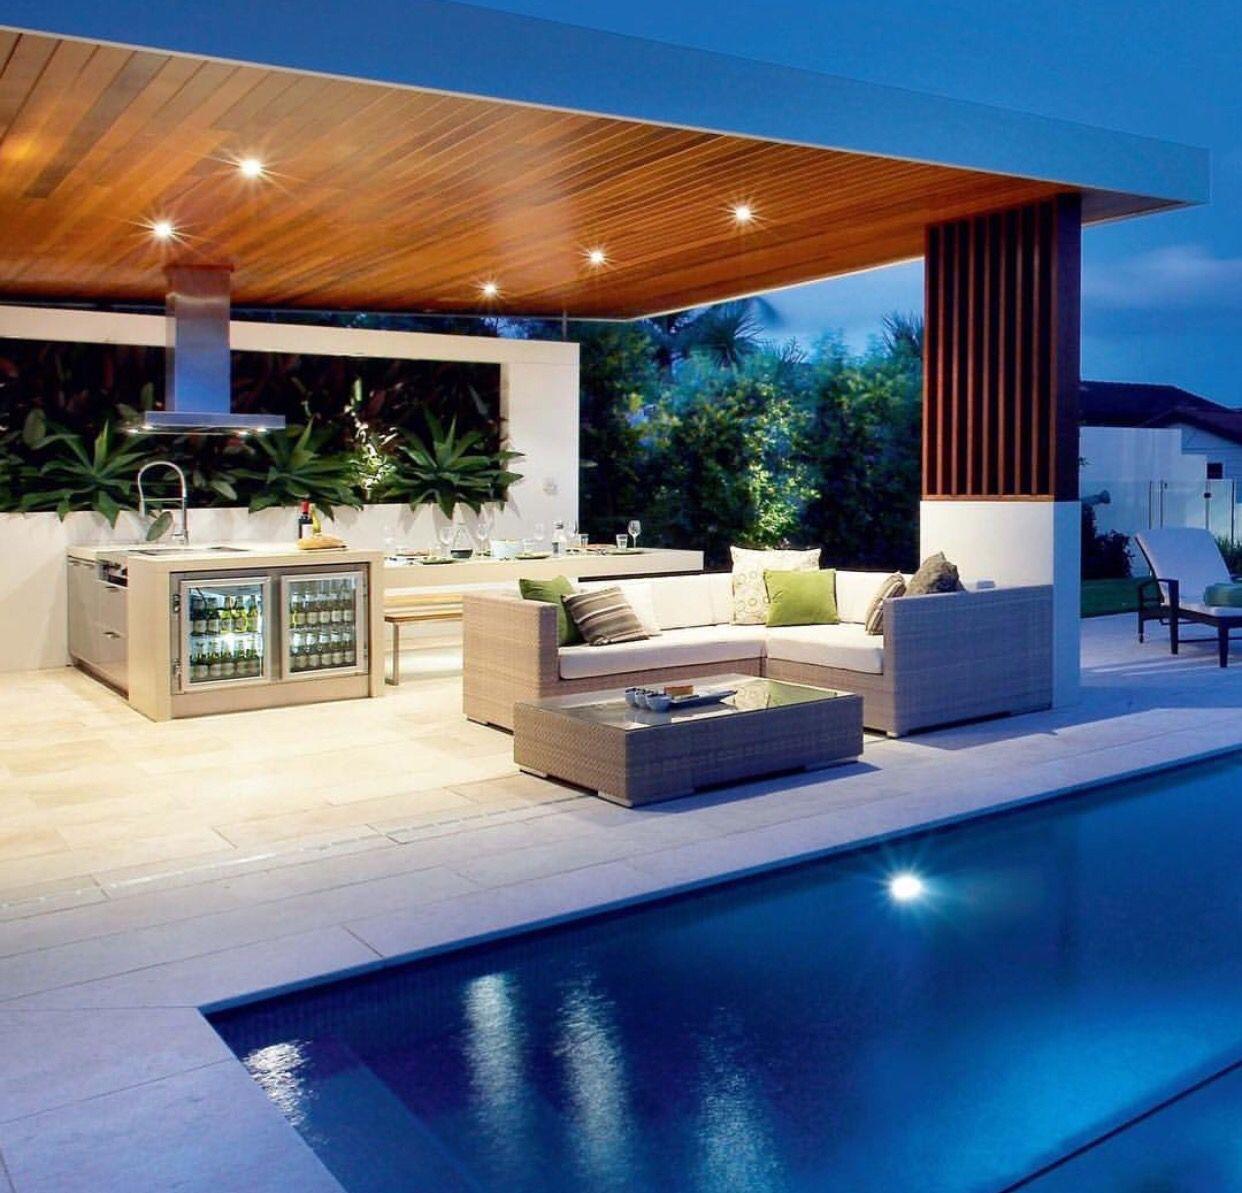 Pin de lili olguin en exteriores pinterest terrazas for Techos para albercas